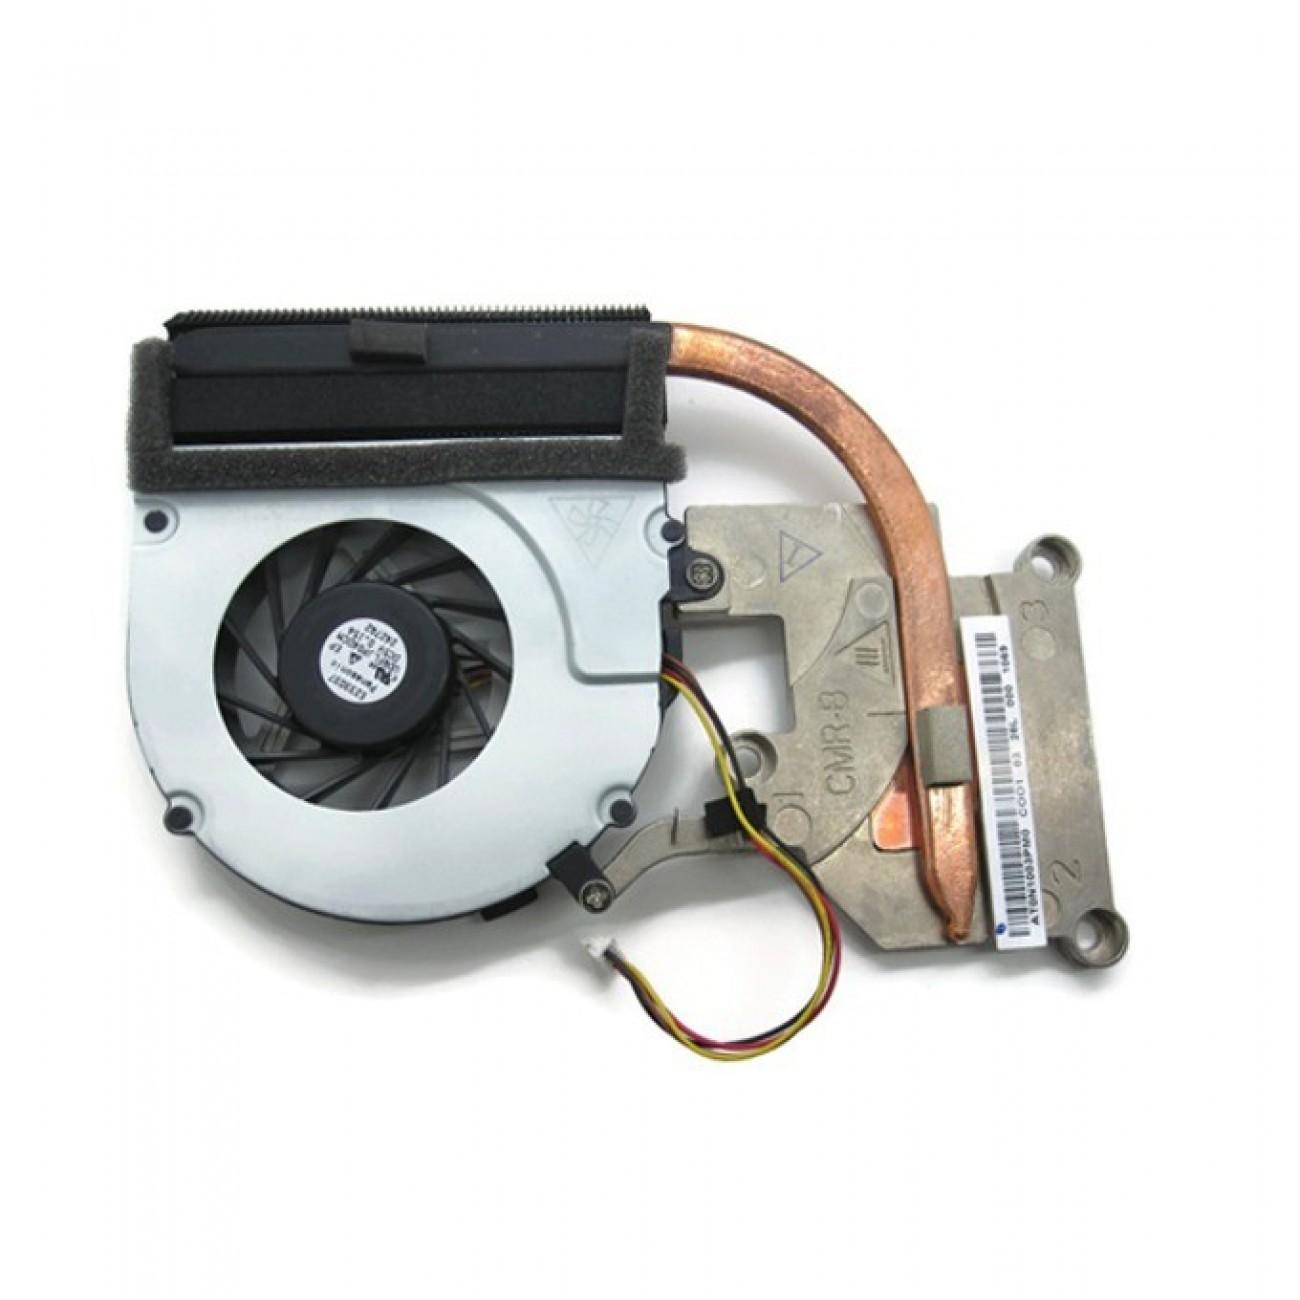 Вентилатор + HeatSink за лаптоп, съвместим Lenovo IdeaPad G580 (За модели с вградено видео) TYPE 2 в Резервни части -  | Alleop